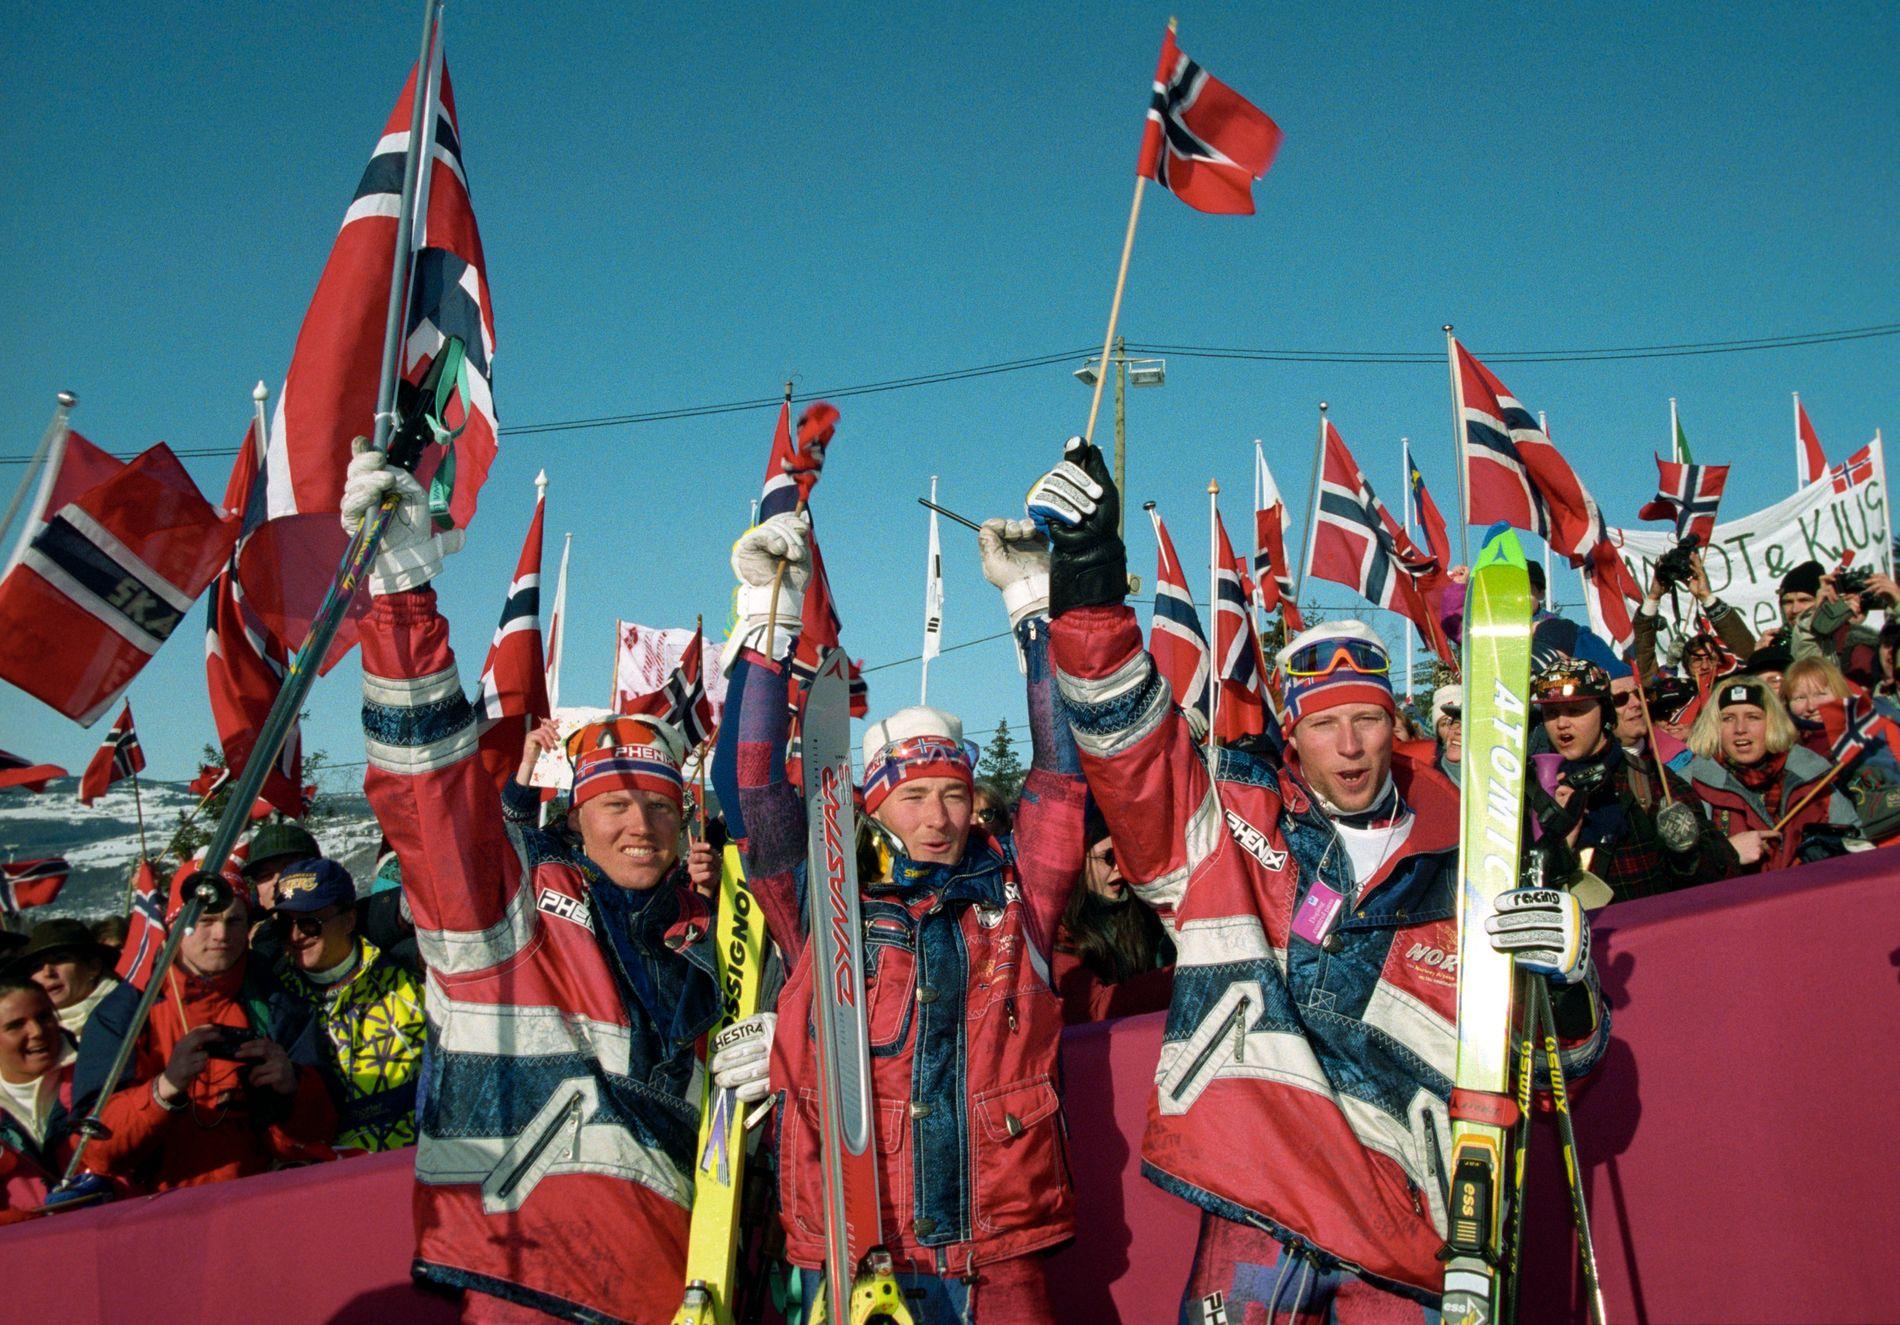 GULLFEST: Prisen for vinter-OL på Lillehammer i 1994 var 7,5 milliarder kroner. Det ble trippel norsk seier i alpint, med gull til Lasse Kjus (t.h), sølv til Kjetil André Aamodt (midten) og bronse til Harald Chr. Strand Nilsen.